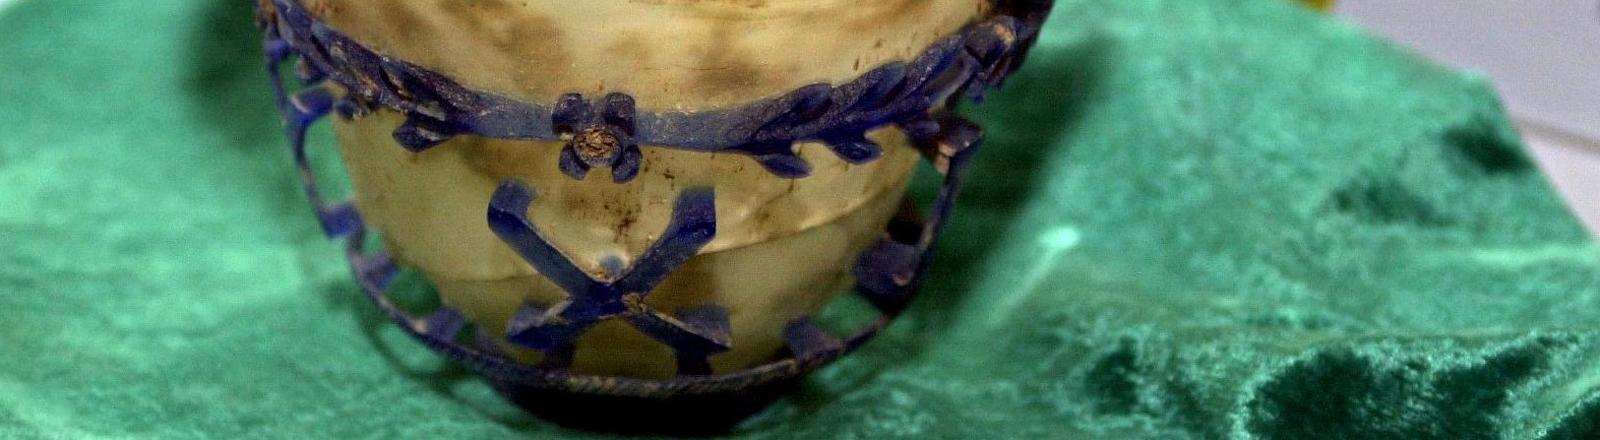 Dieses sogenannte Diatretglas aus dem 3. - 4. Jahrhundert n. Chr. gehört zu einer Reihe antiker Kunstschätze aus Syrien, die von der Zollfahndung in Baden-Württemberg und der Universität Tübingen am 13.1.2003 in Tübingen präsentiert werden.